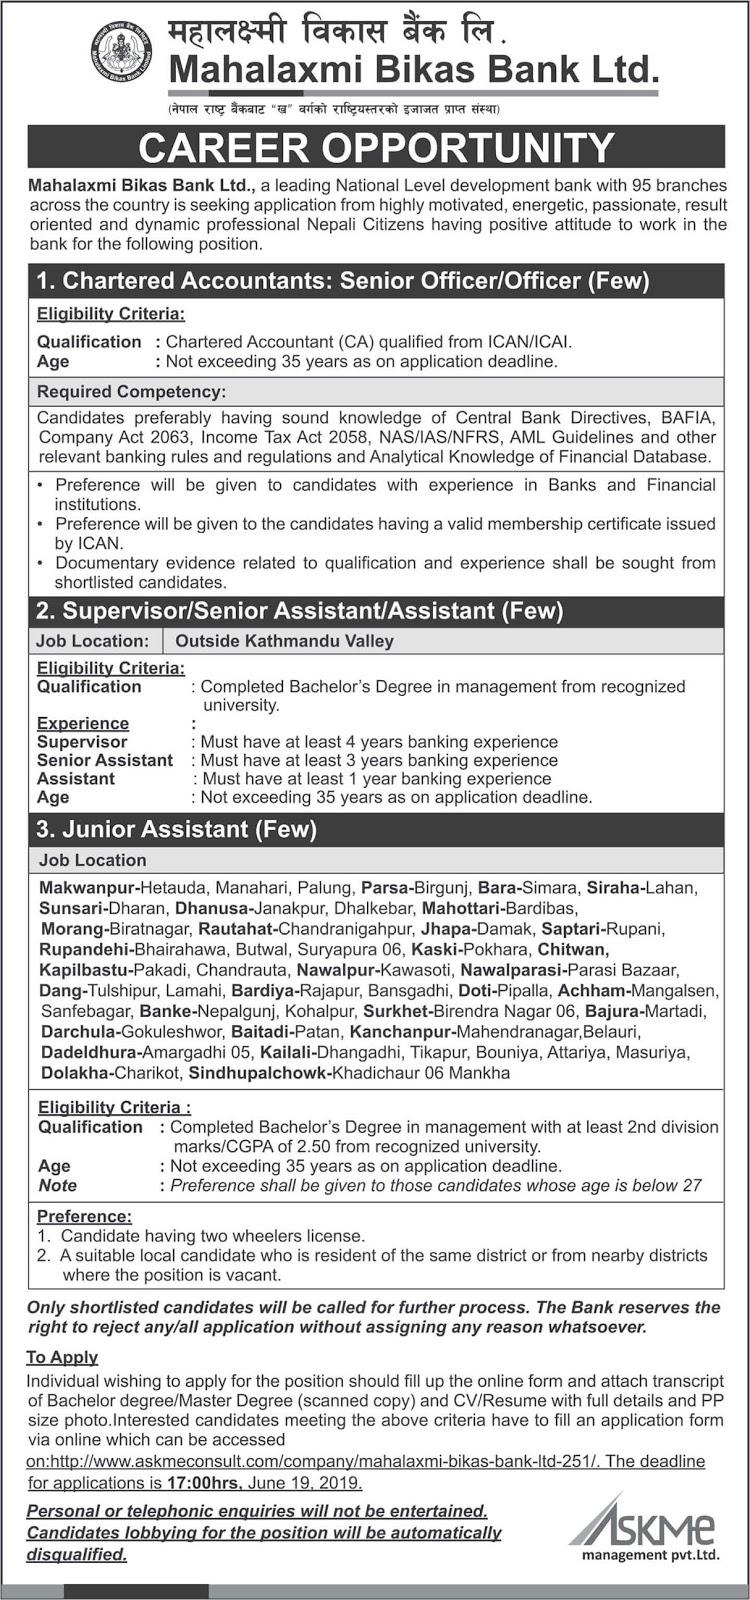 Vacancies at Mahalaxmi Bikas Bank Ltd.